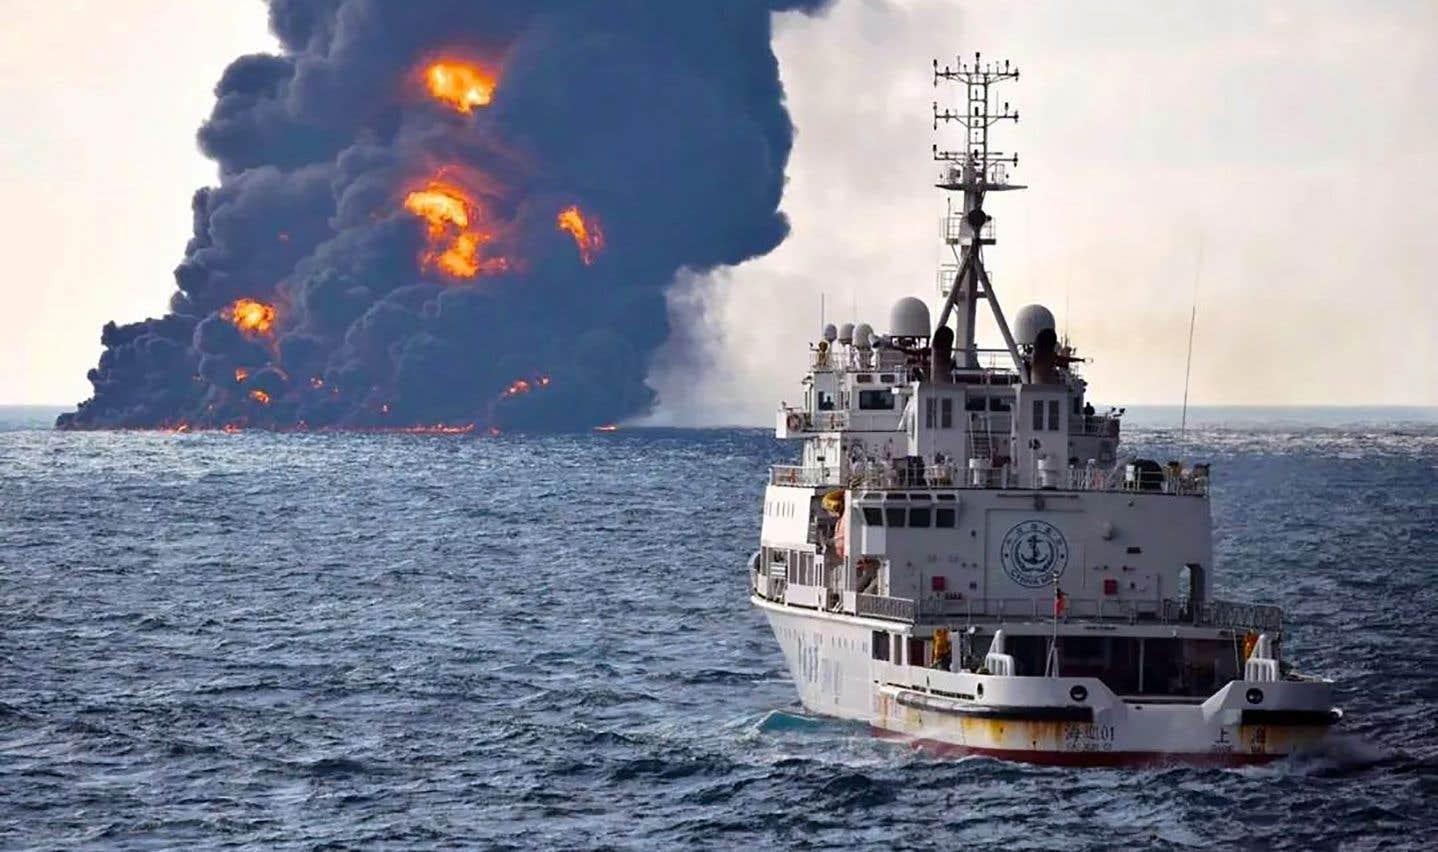 À la mi-journée dimanche, le navire-citerne «s'est subitement embrasé», avec un panache de fumée s'élevant jusqu'à 1000 mètres dans les airs.